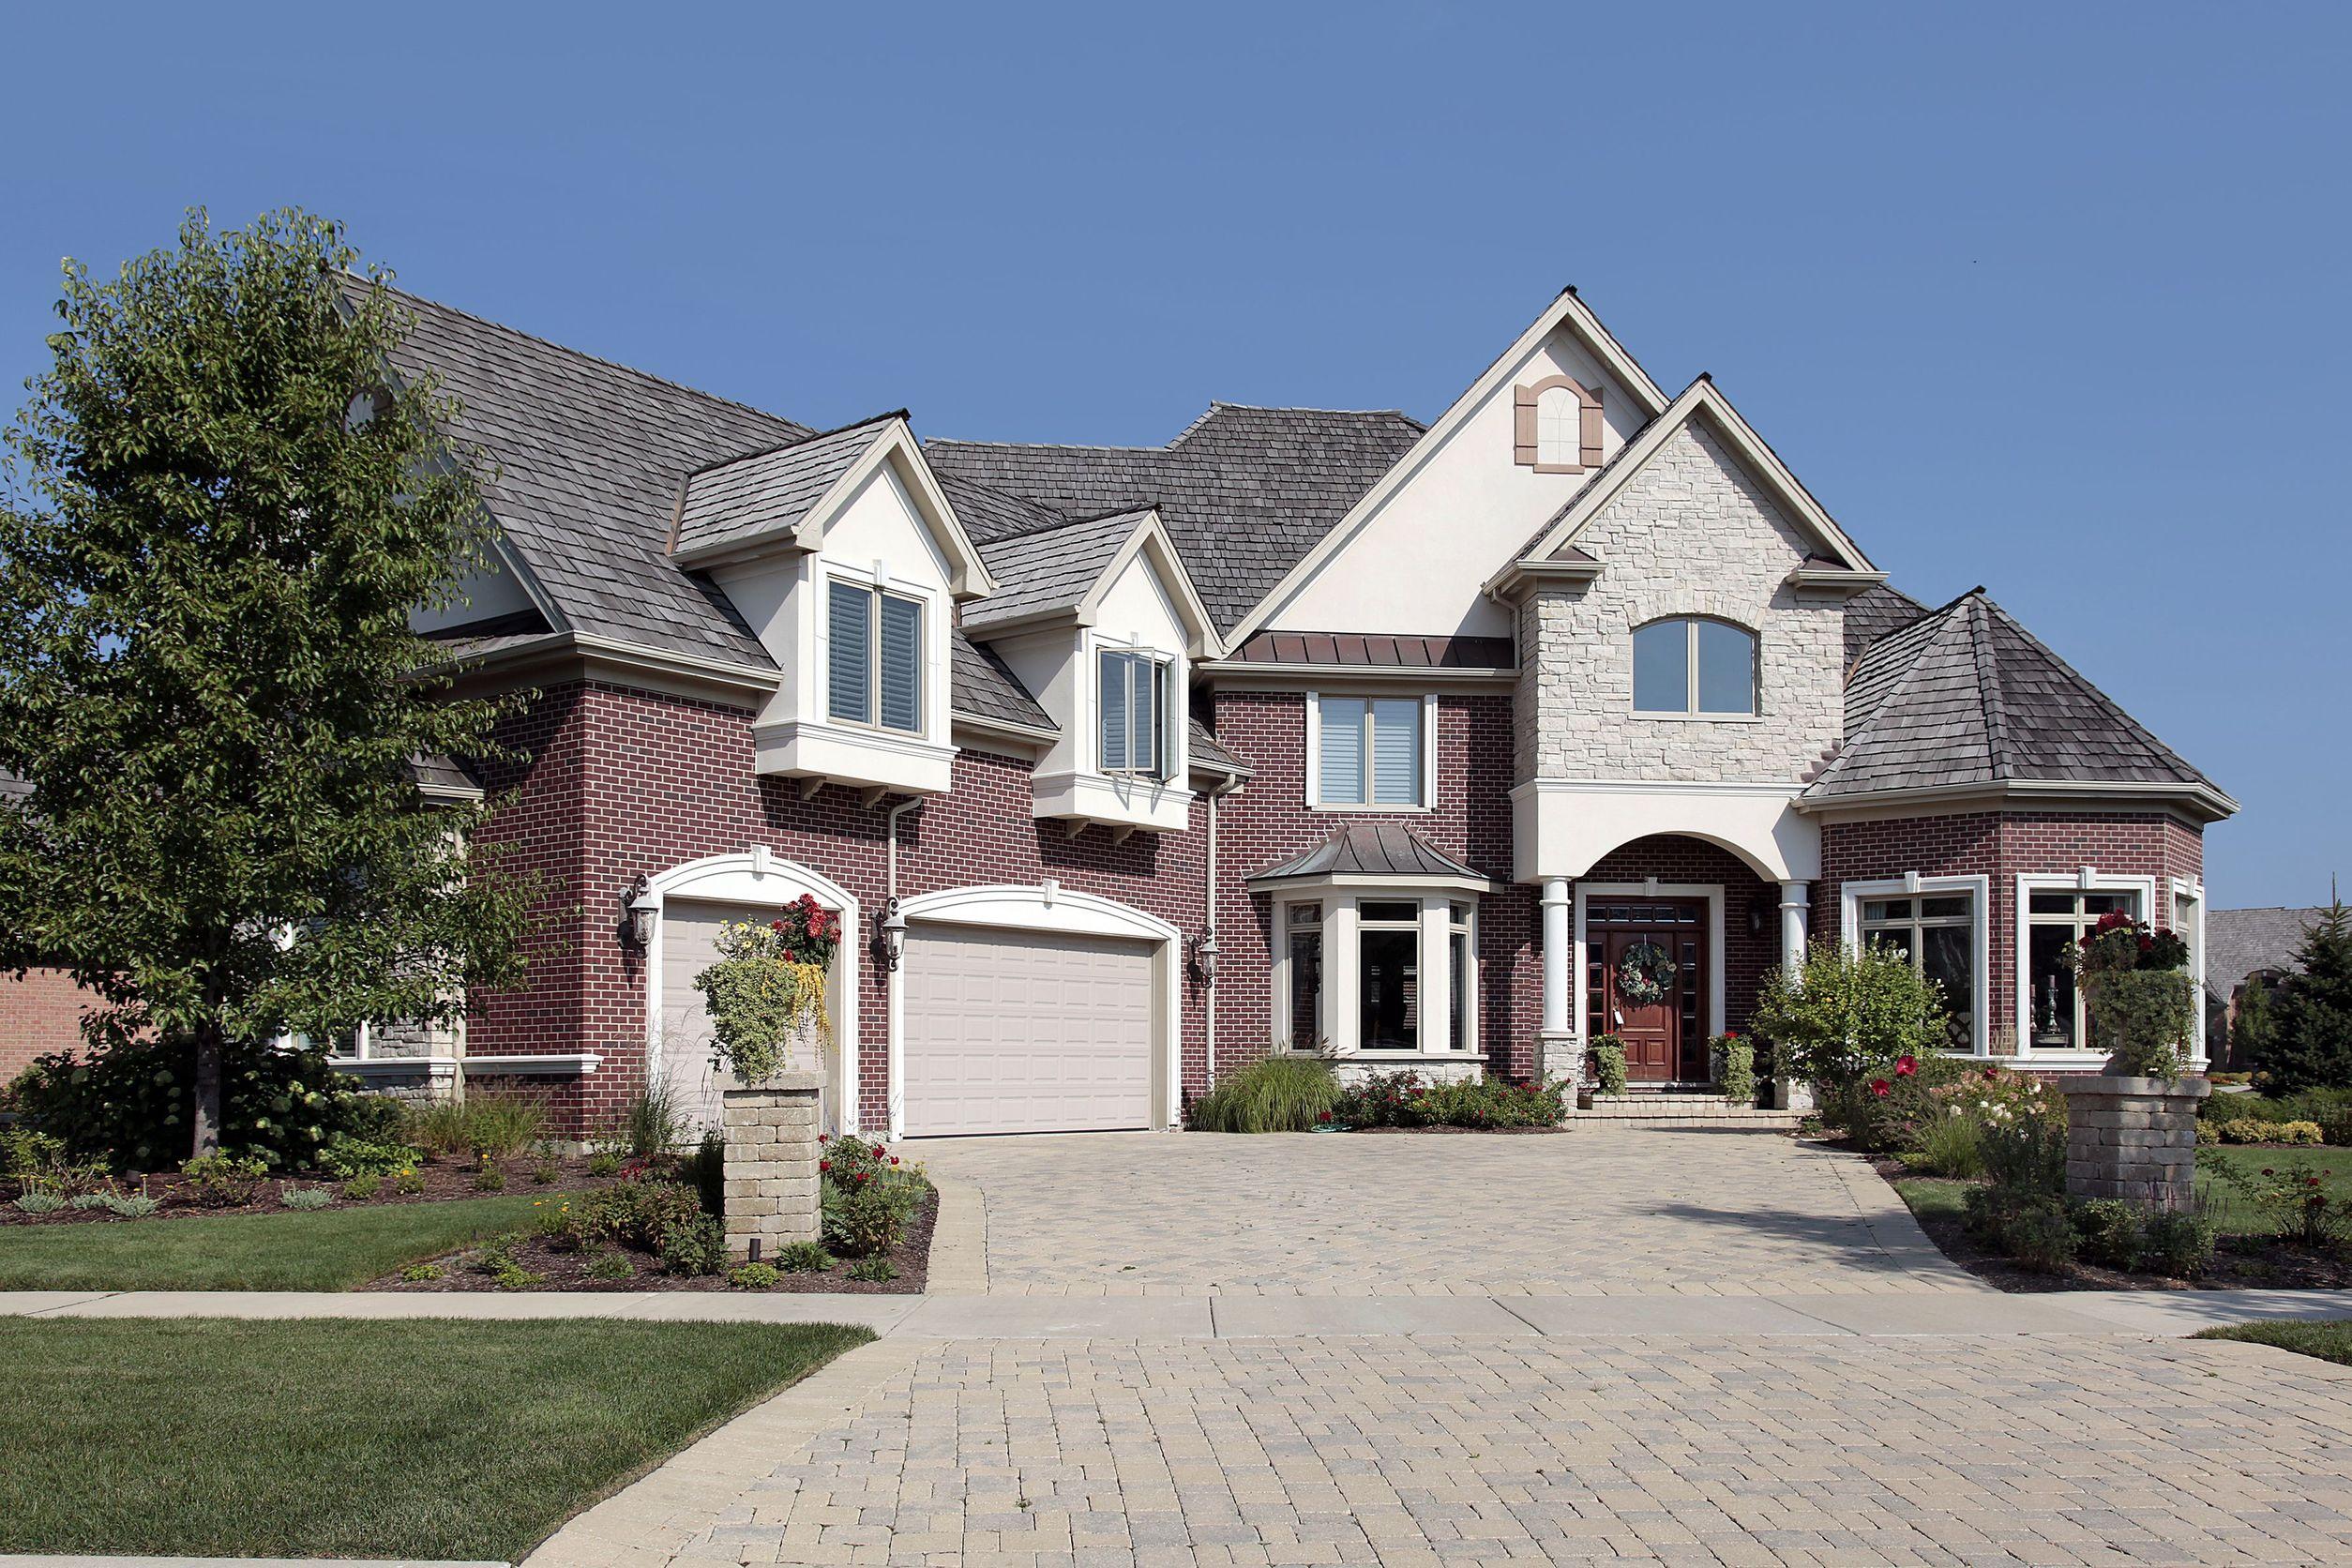 6739268 L Ray S Harford Home Improvement Contractors Inc